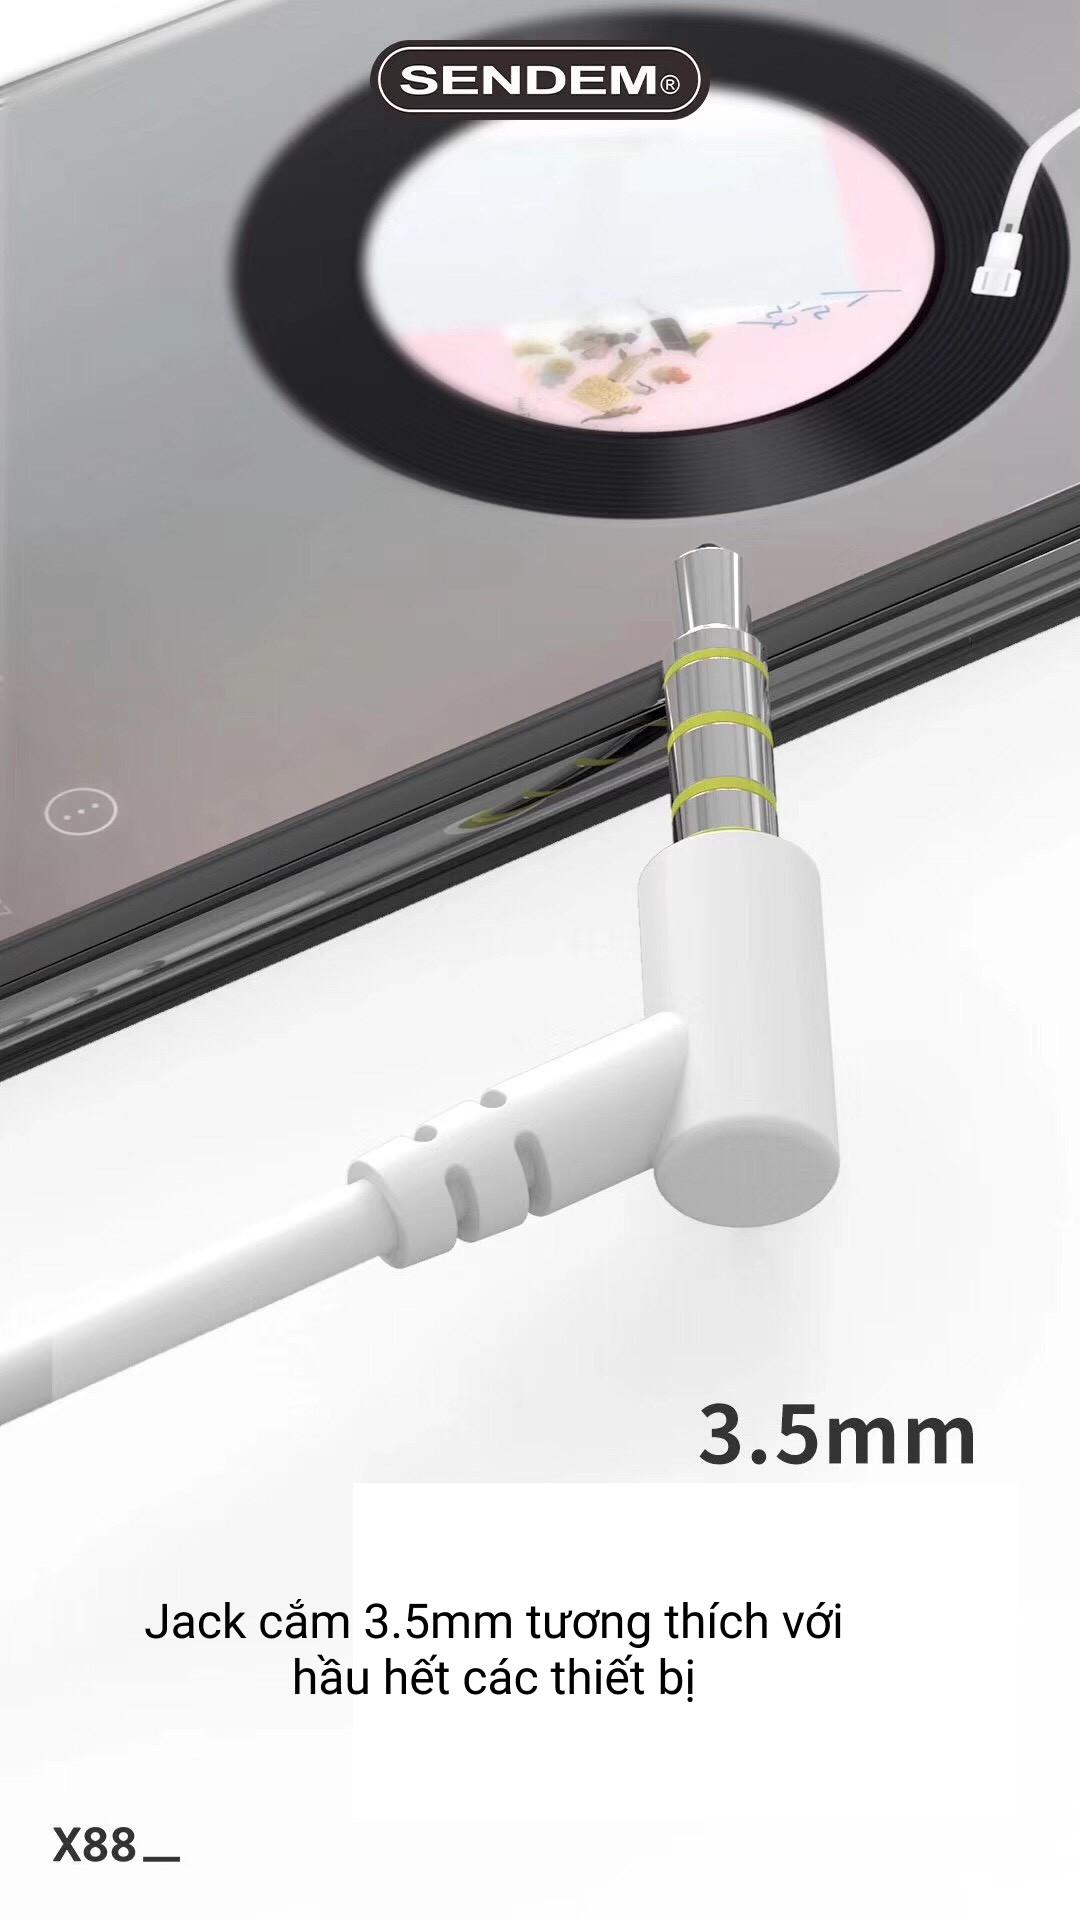 Tai nghe chống ồn hỗ trợ giấc ngủ X88 Chất âm trầm ấm, Thiết kế nhỏ gọn, Công nghệ giảm ồn thông minh - Hàng chính hãng